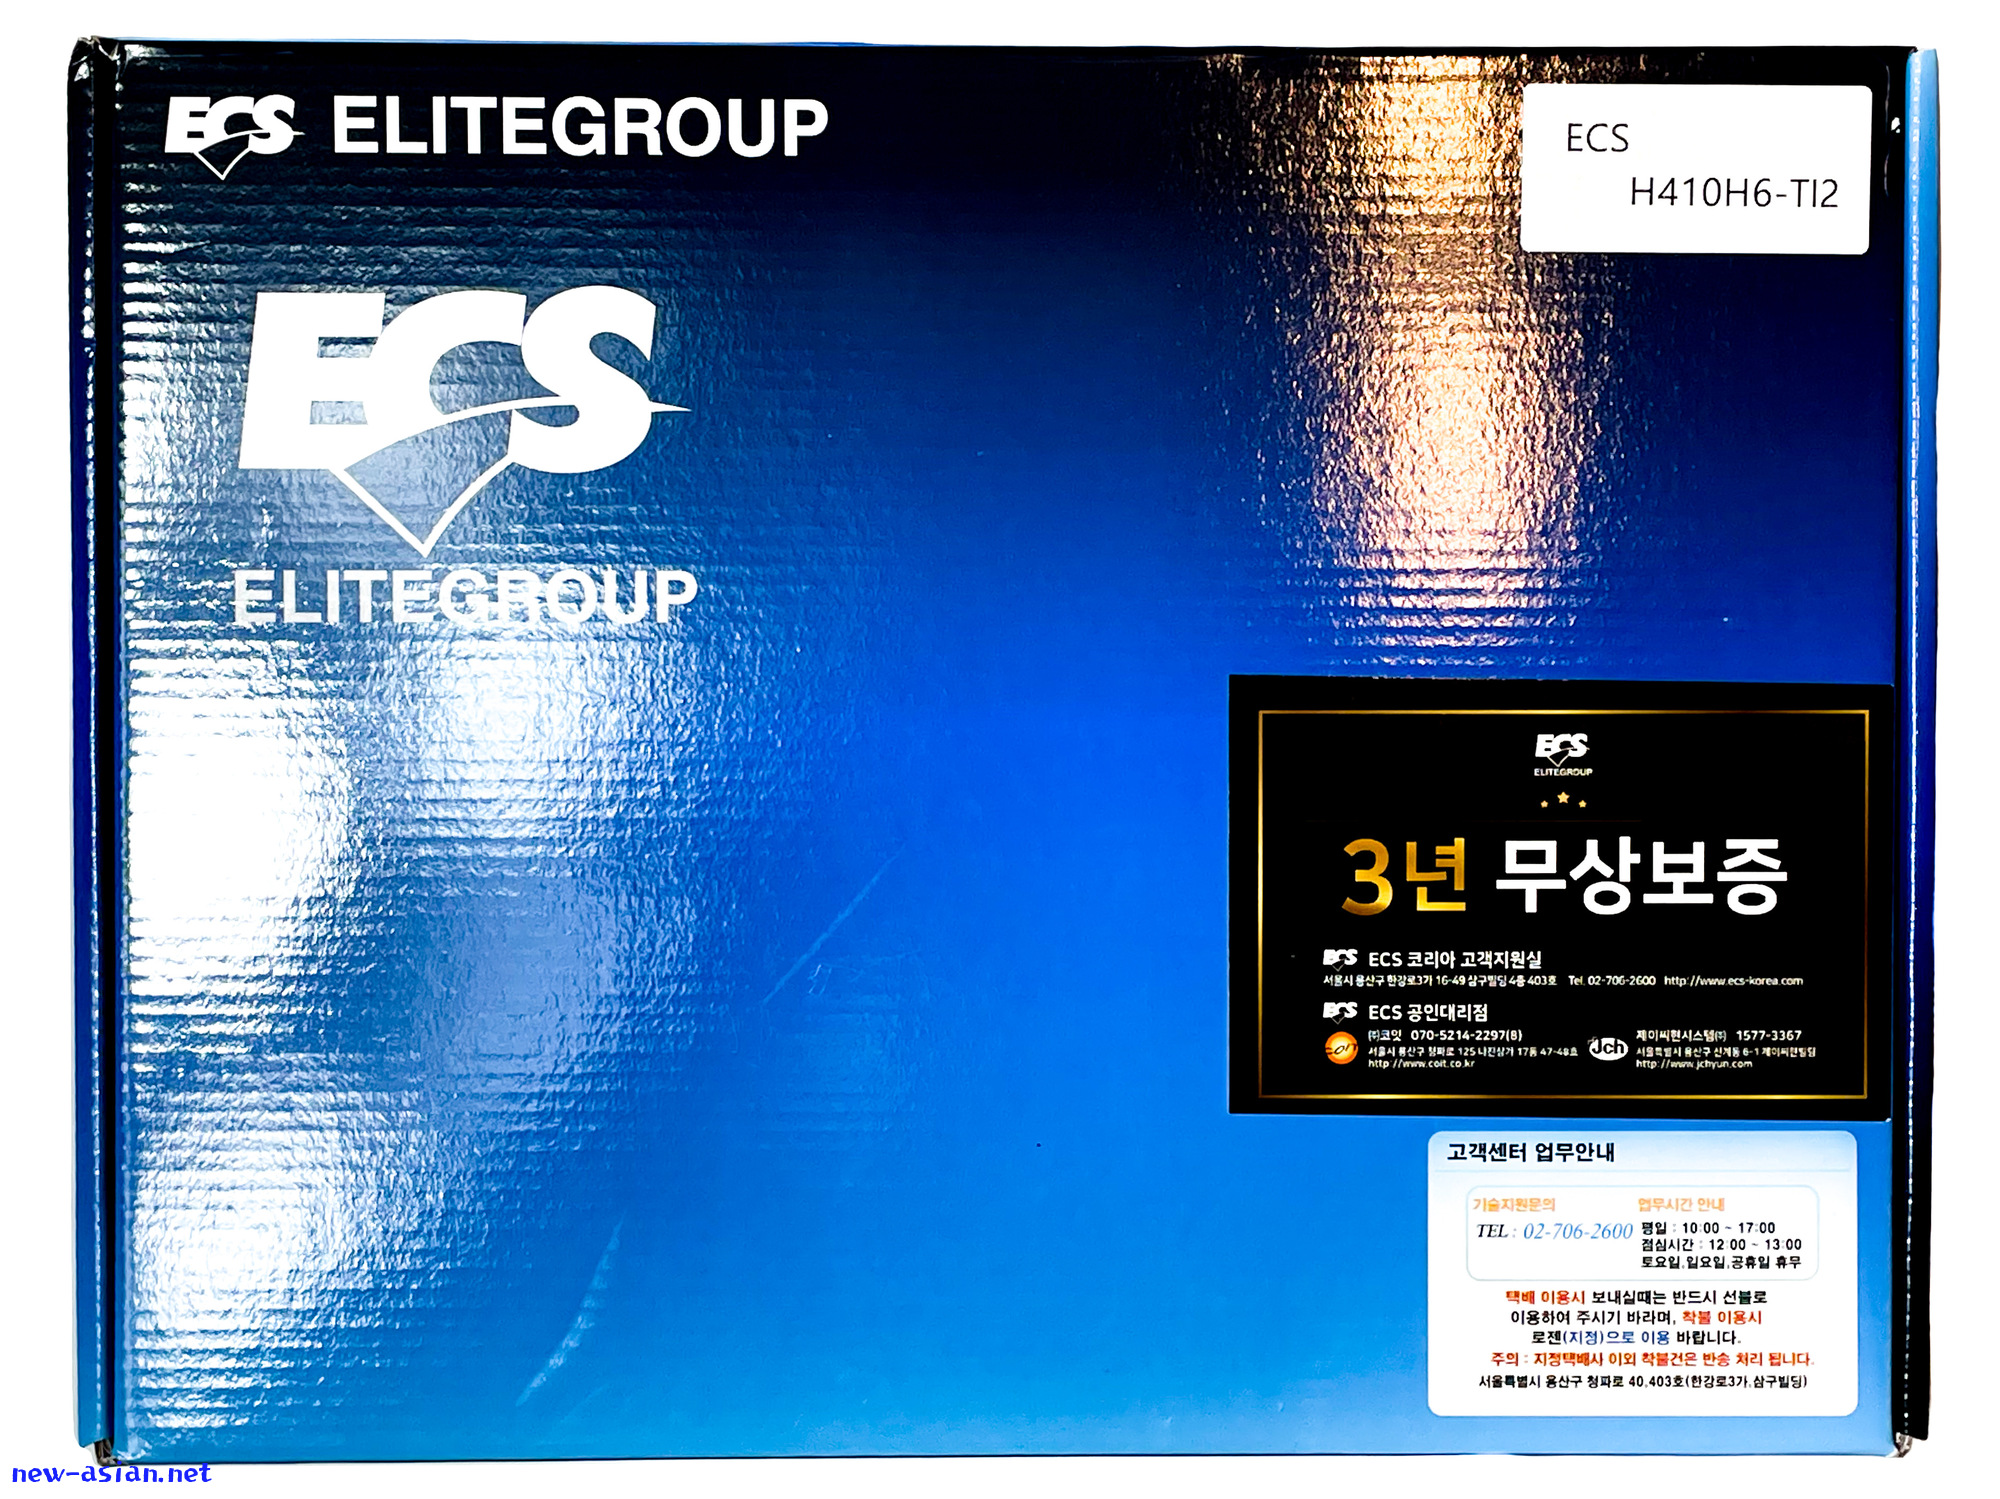 55A65509-C710-4253-8044-00F13606D6DE.jpeg